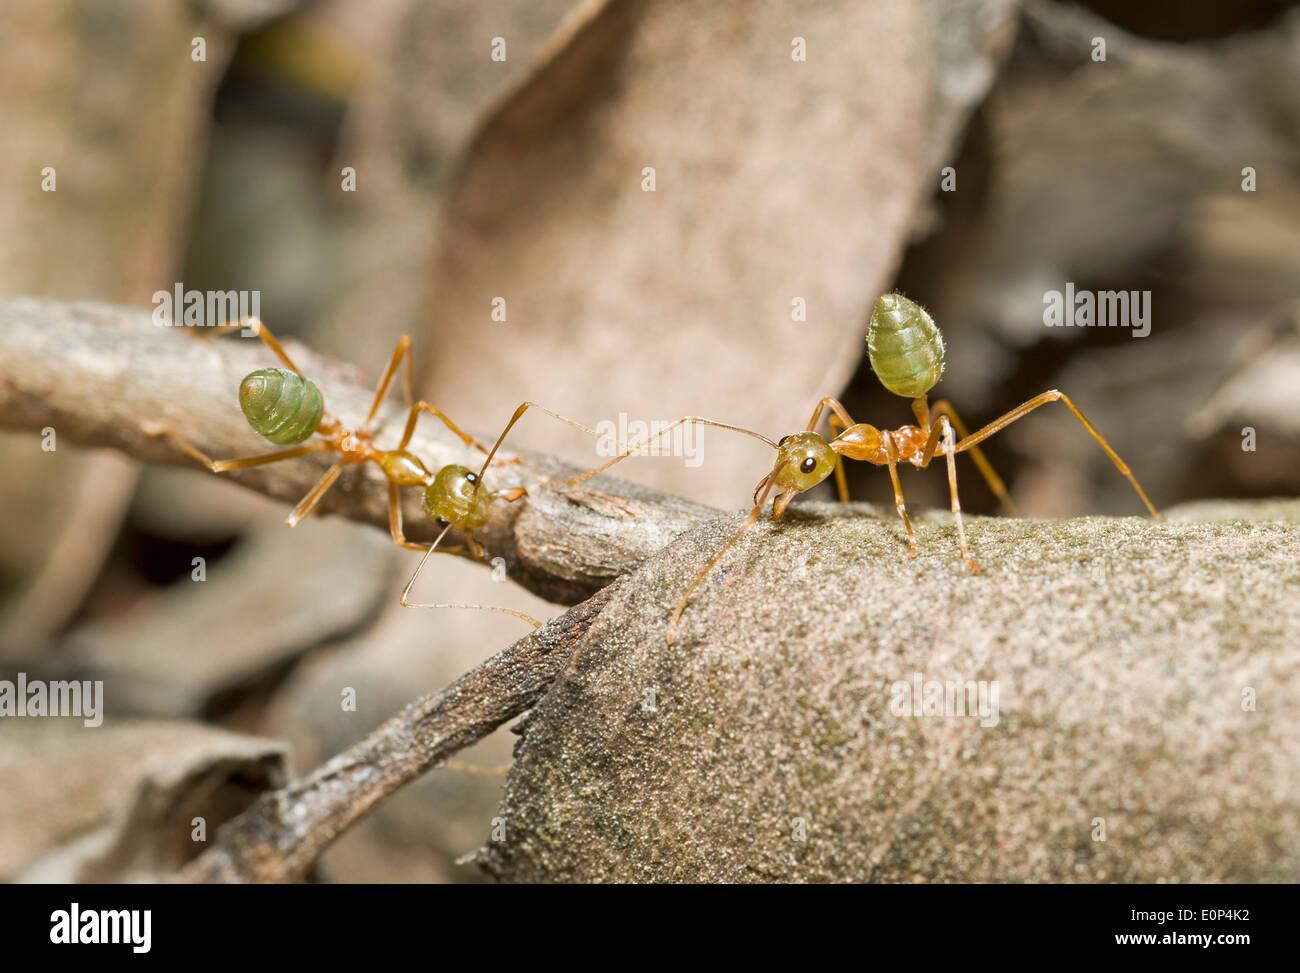 Australian green tree ants defending their nest - Stock Image